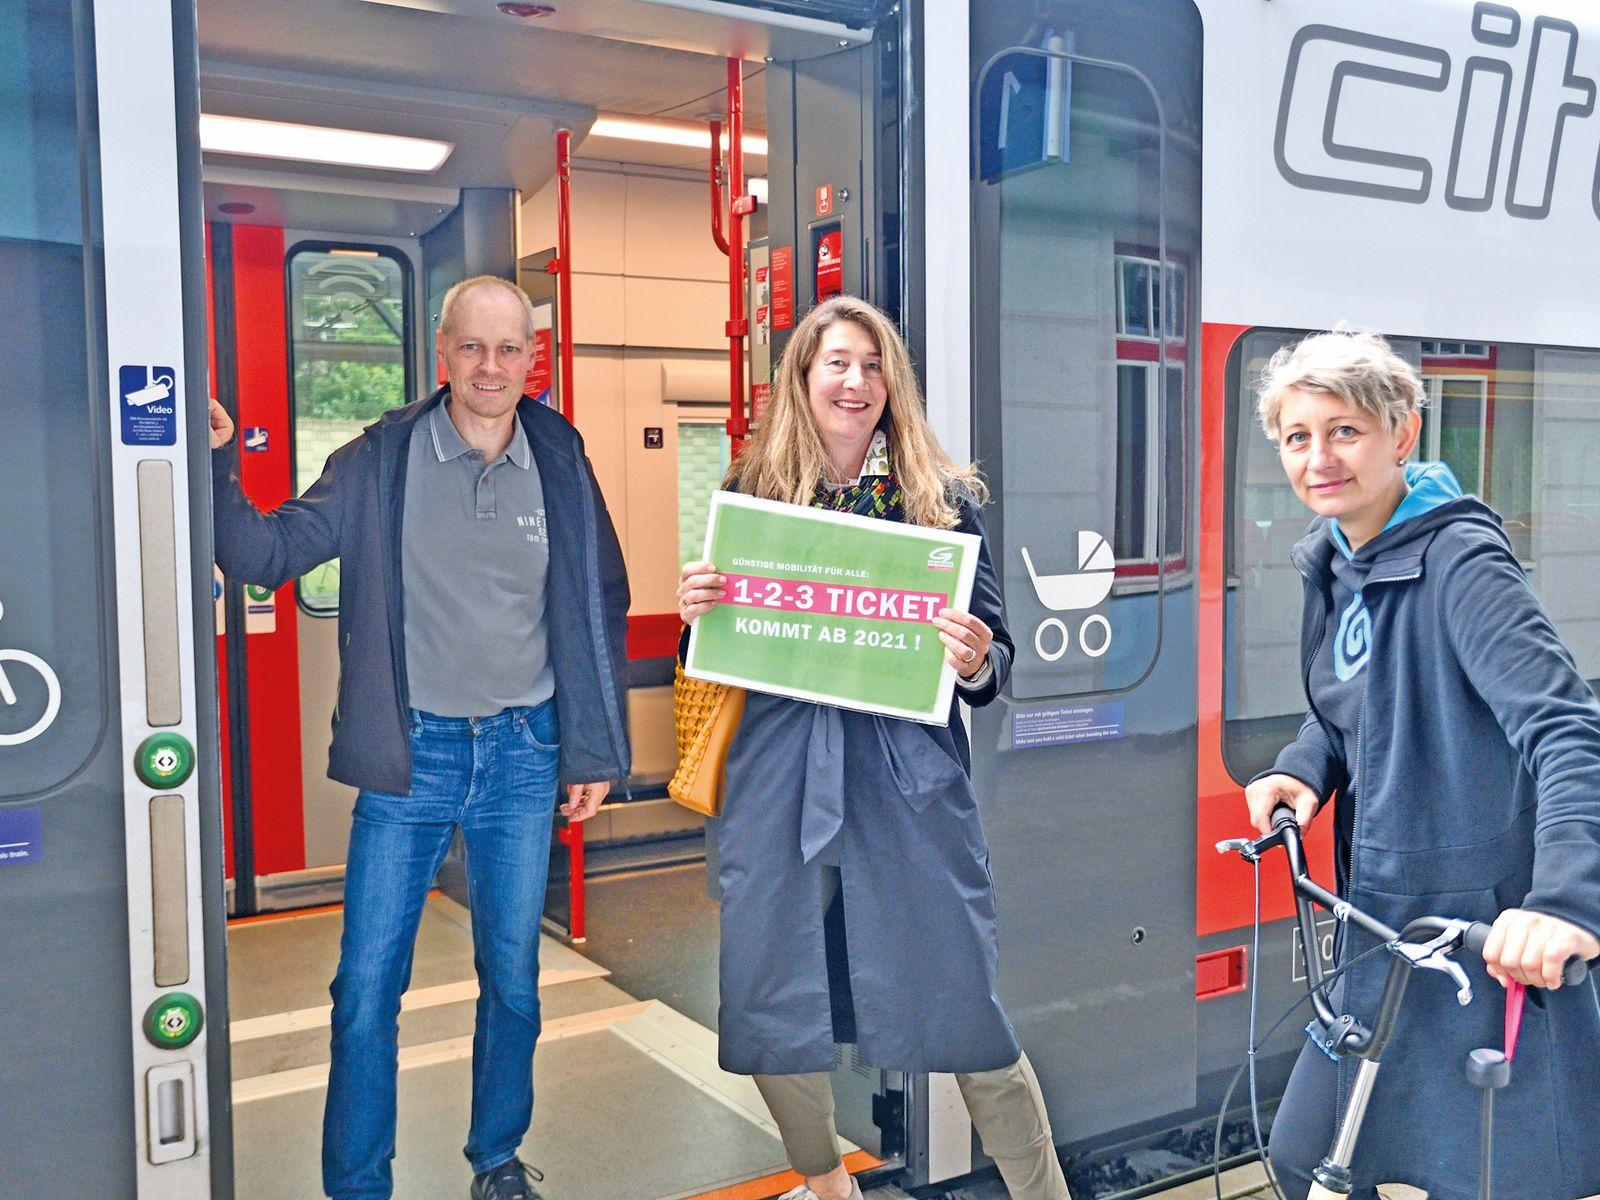 IC- / Railjet- / Westbahn-Halt in Vöcklabruck und 1-2-3 Ticket